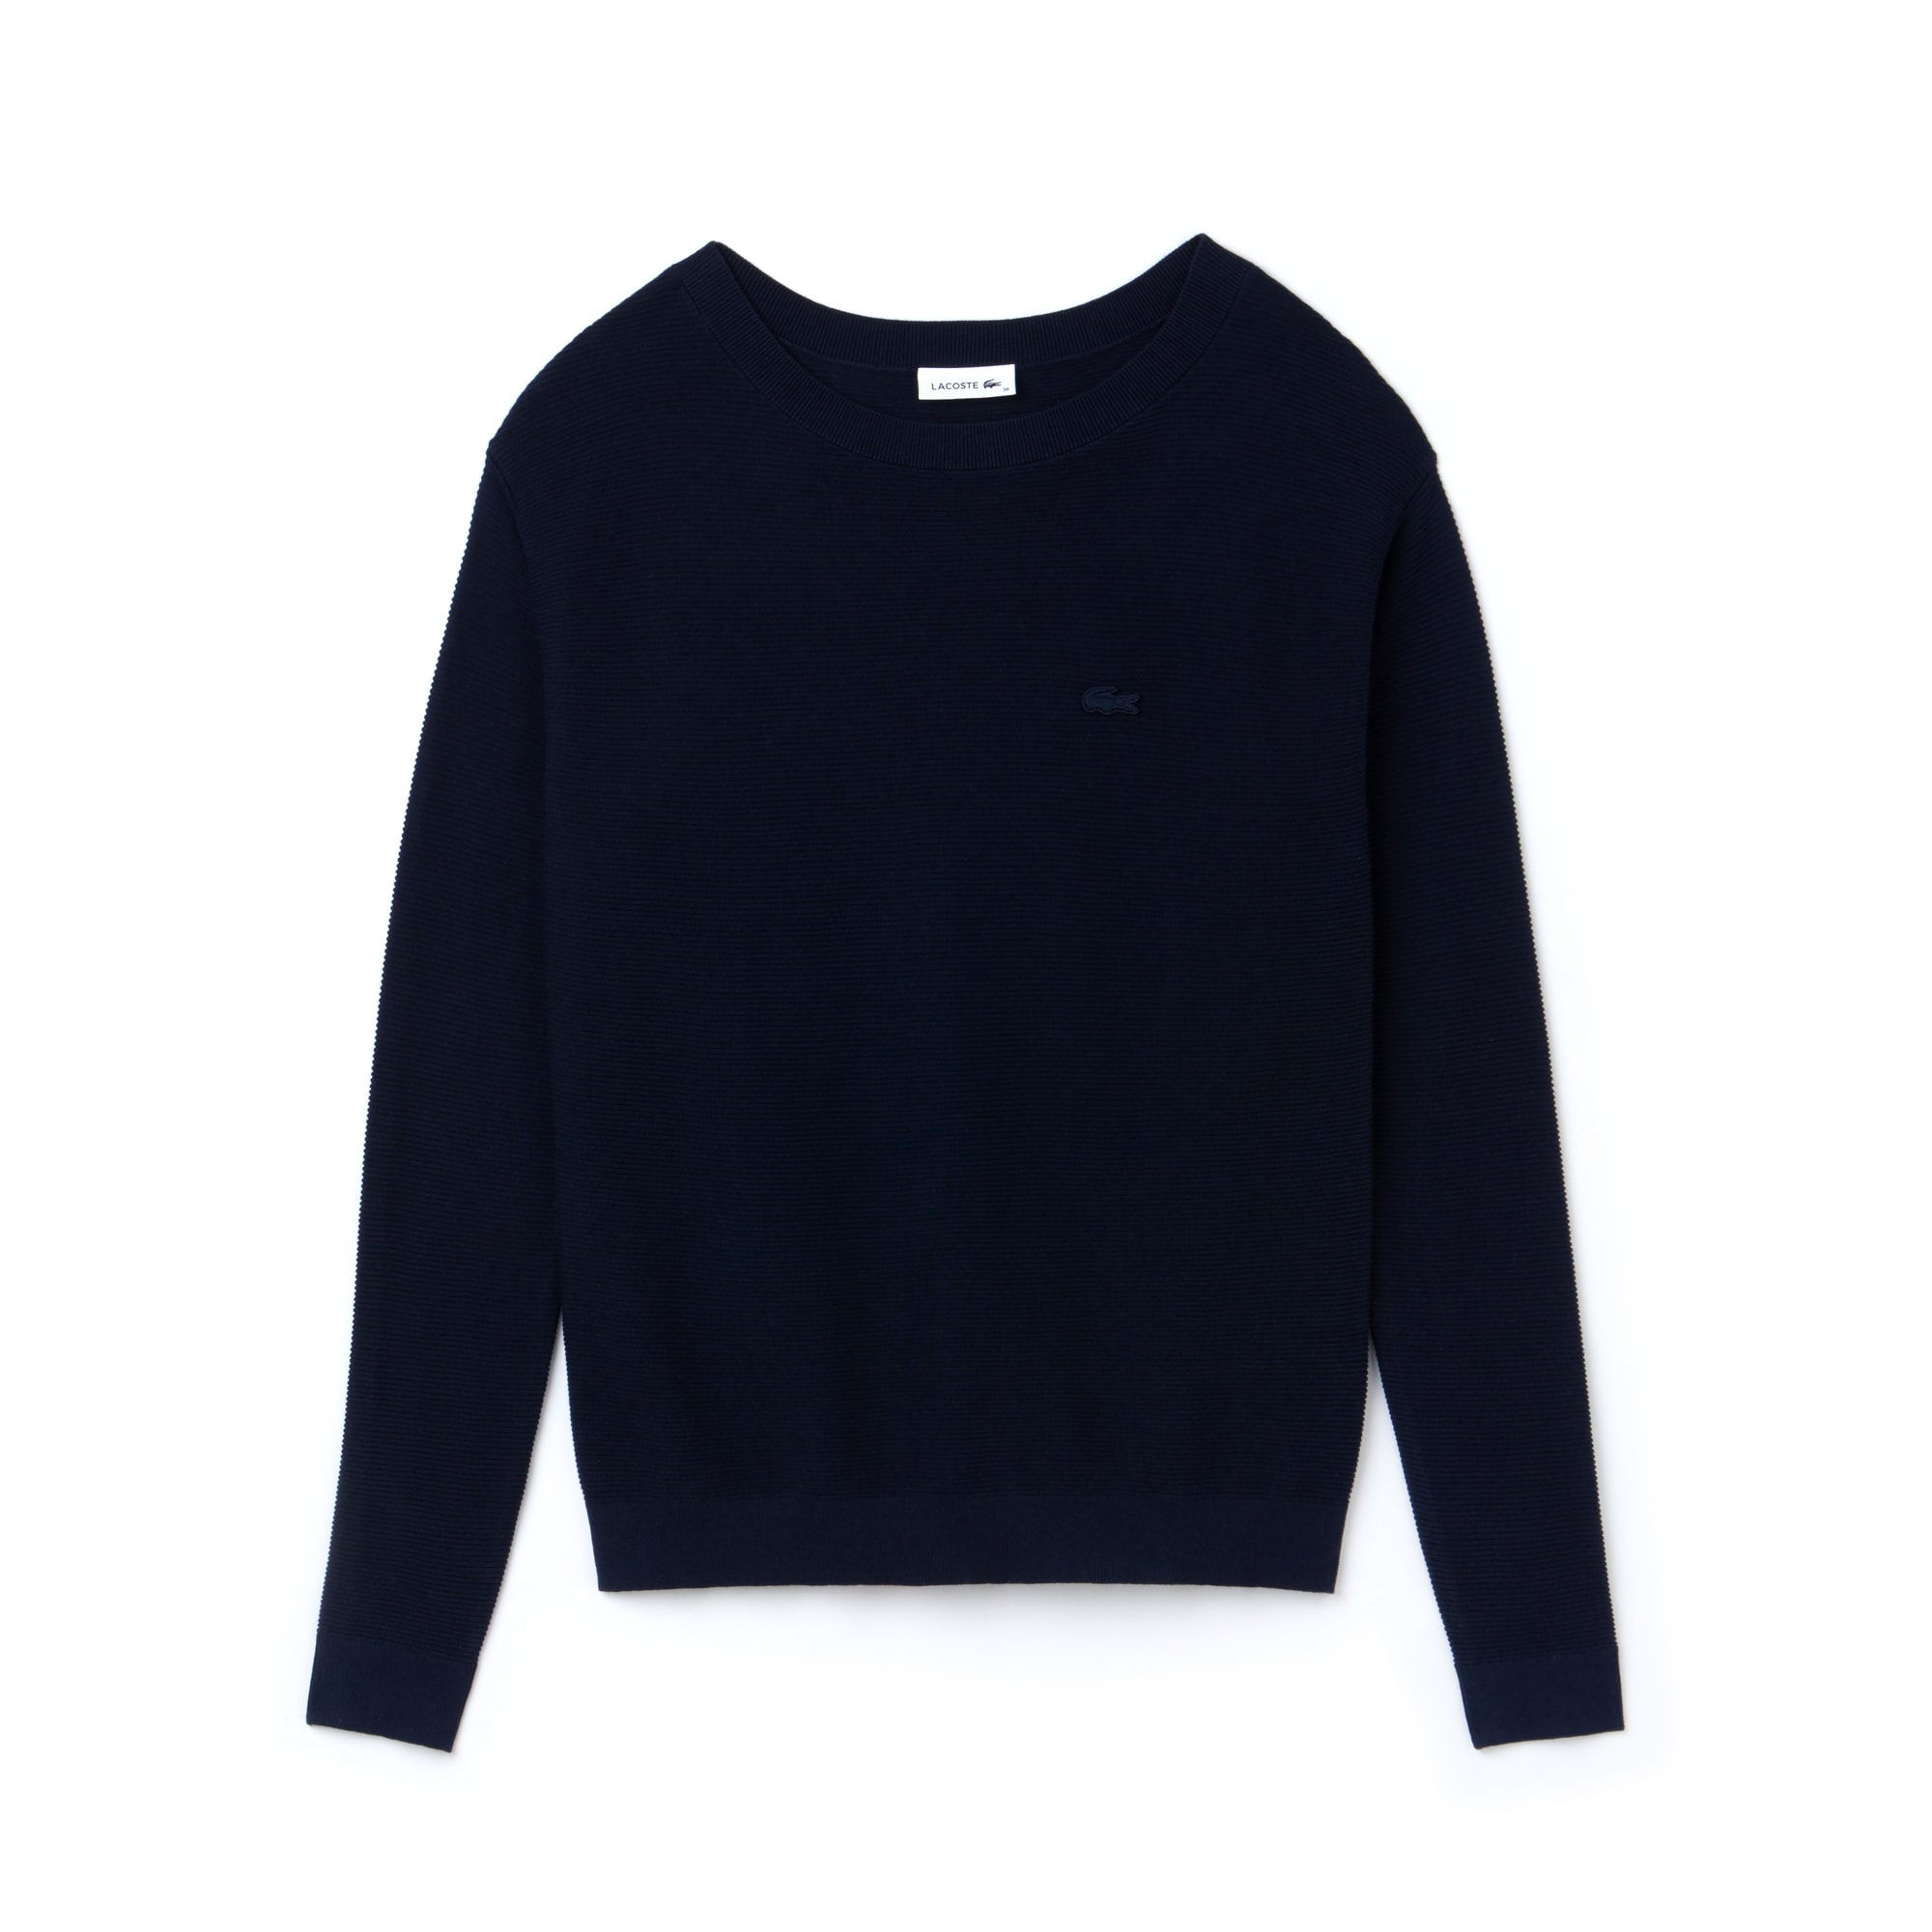 Damen-Pullover mit U-Boot-Ausschnitt und Perlmuster aus Baumwolle